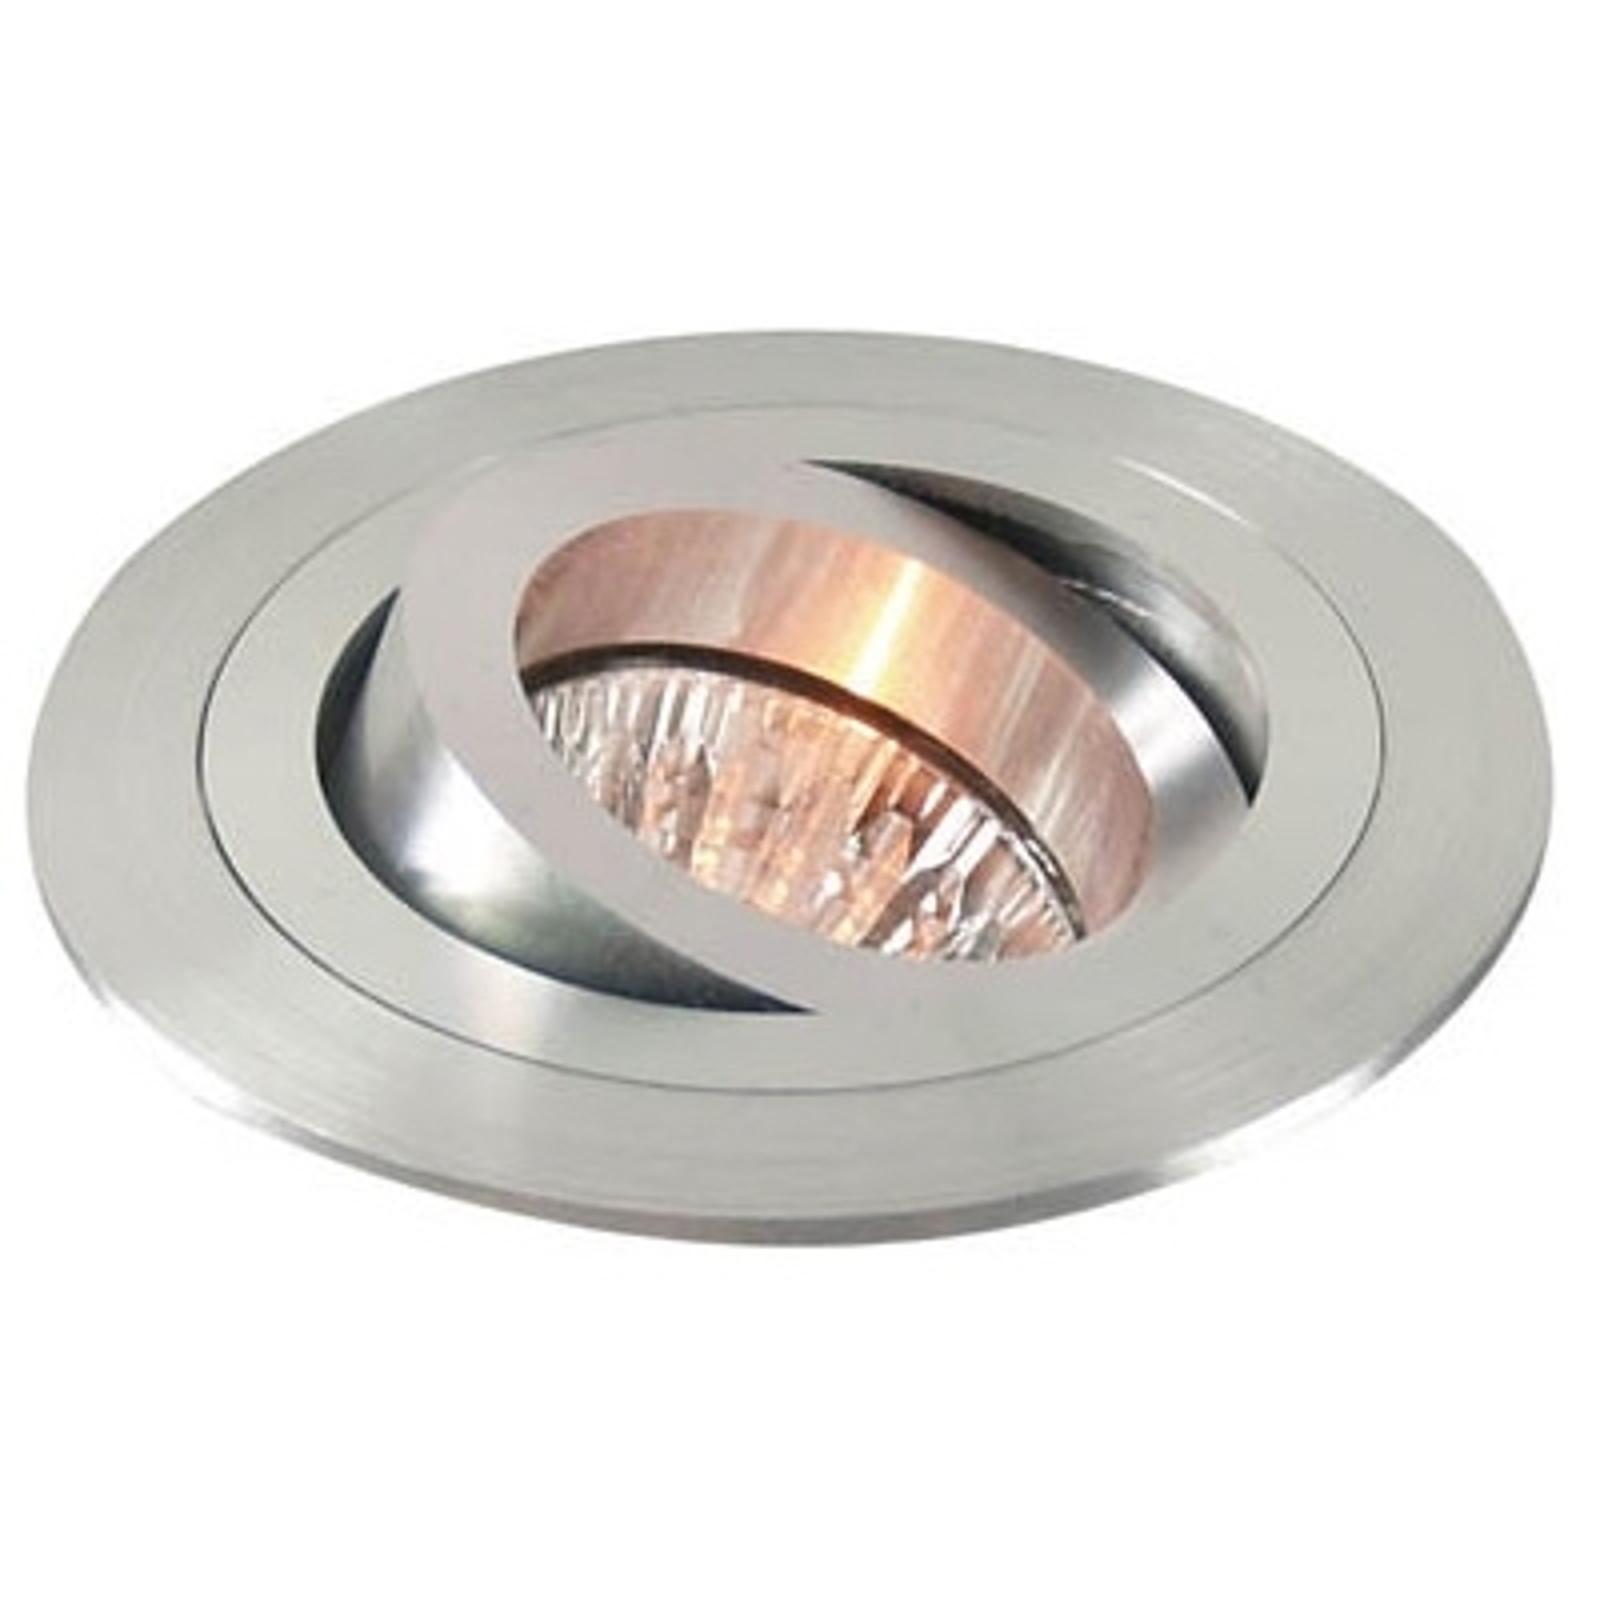 Výklopné podhledové kruhové svítidlo, matný hliník